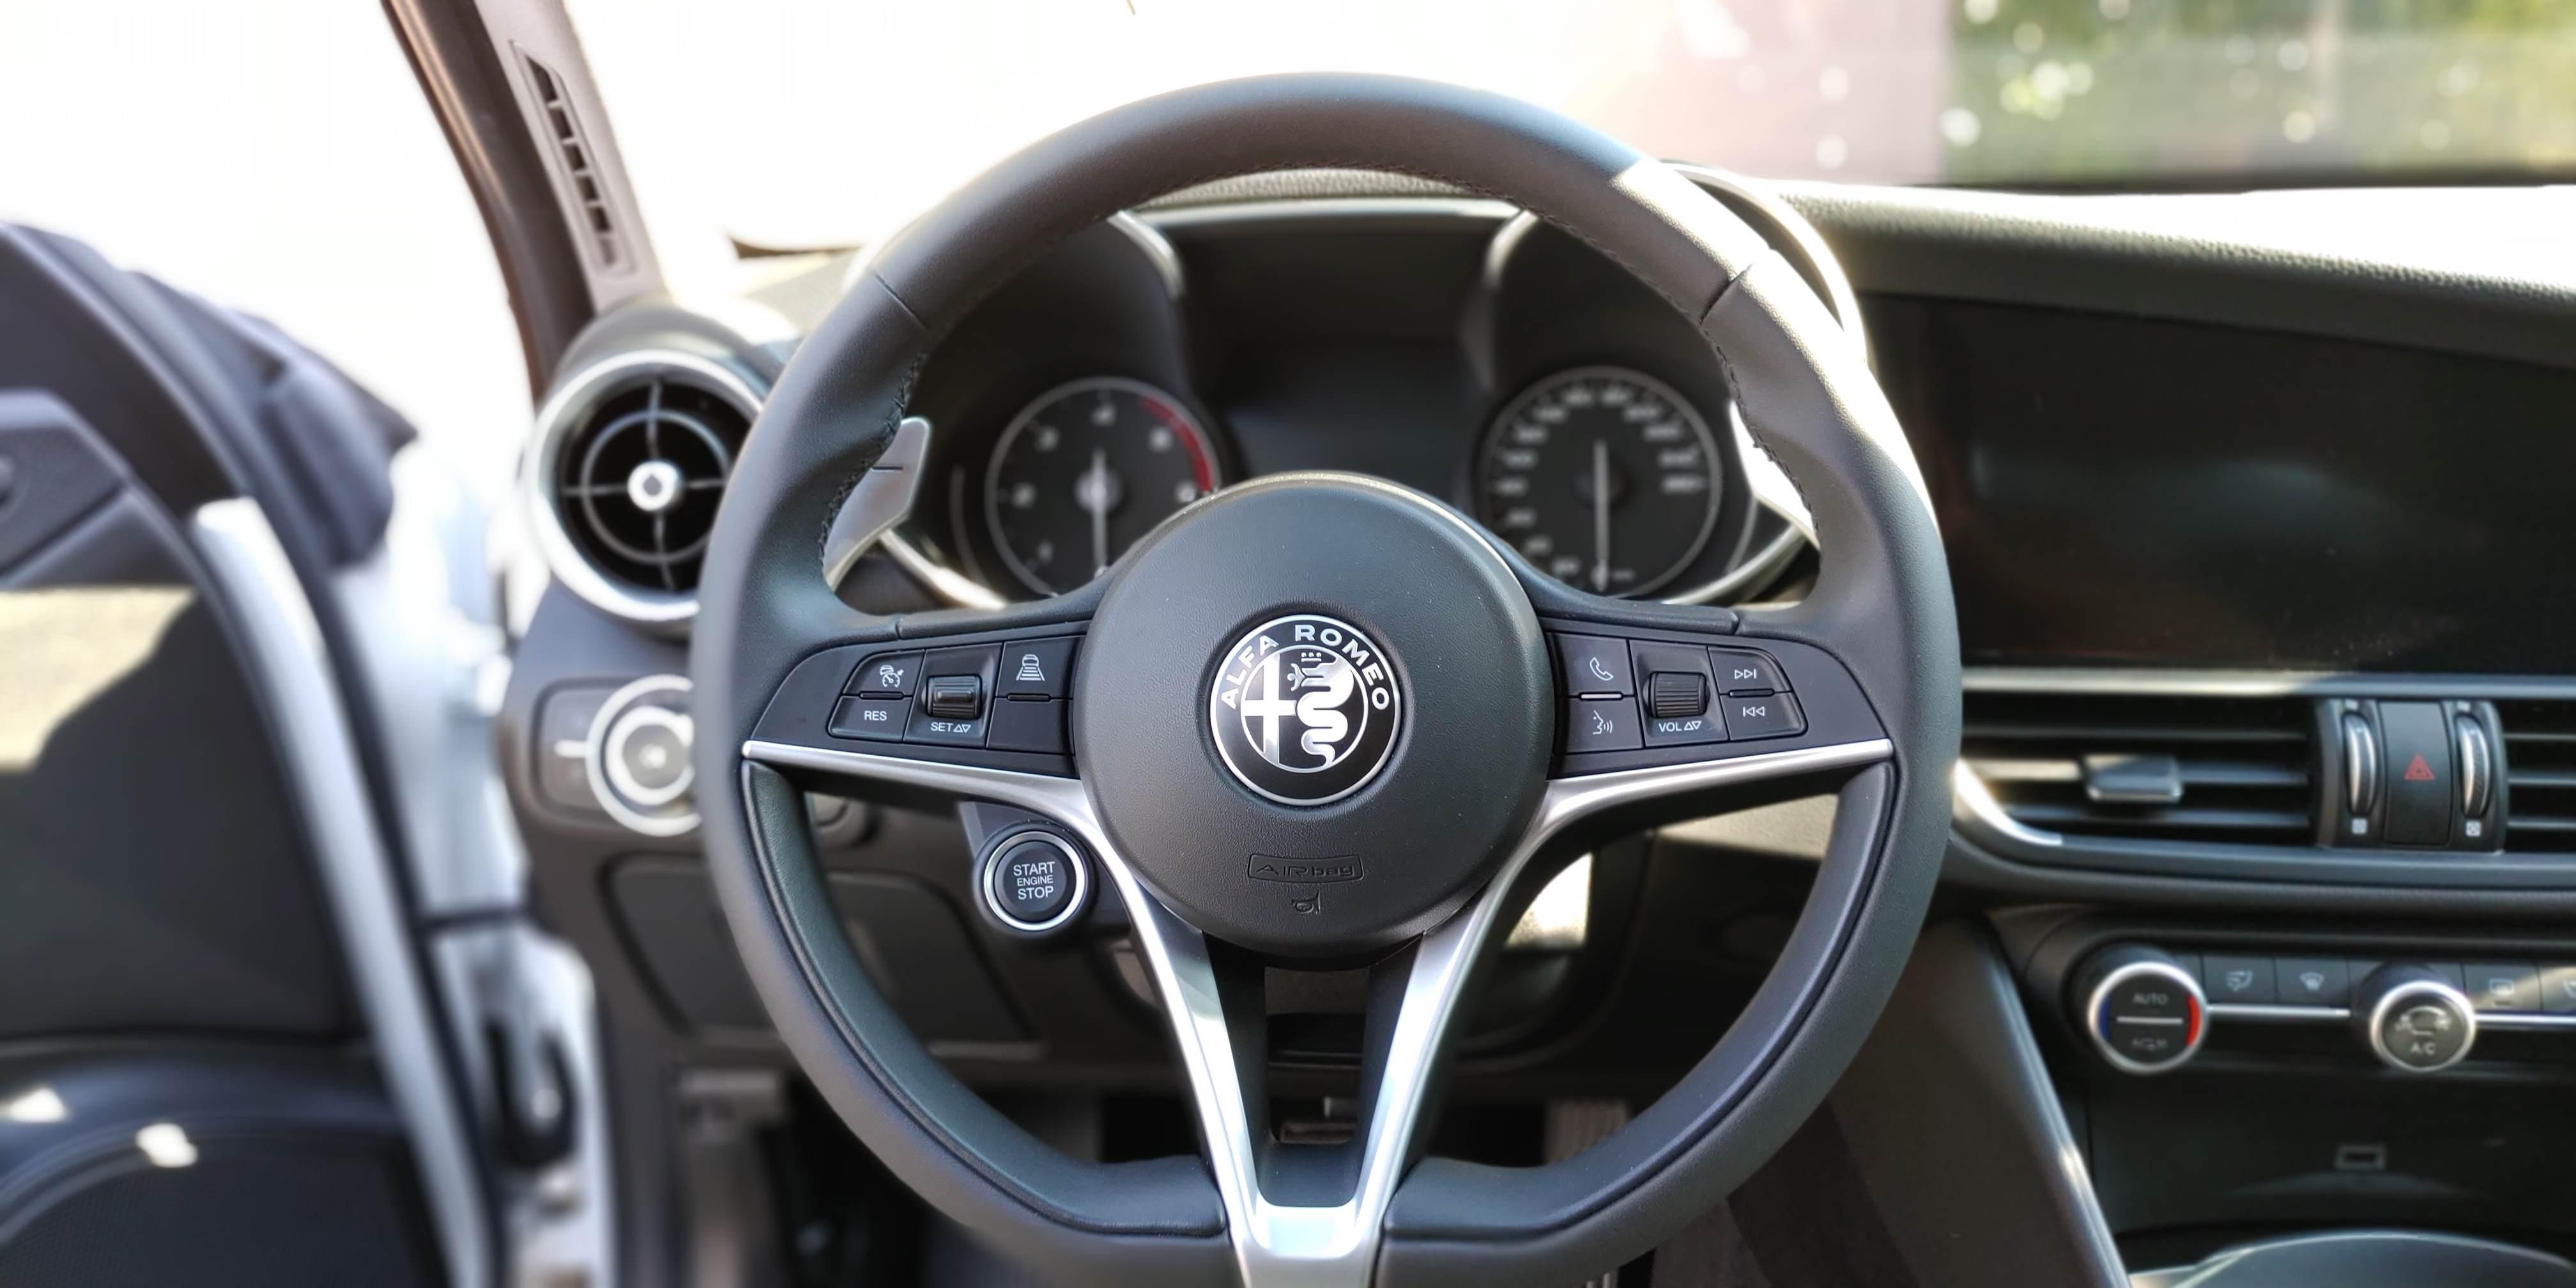 foto Alfa Romeo Giulia - 2.2 mjet 190cv - AT8 -  Executive - Bianco Alfa - RM - 5